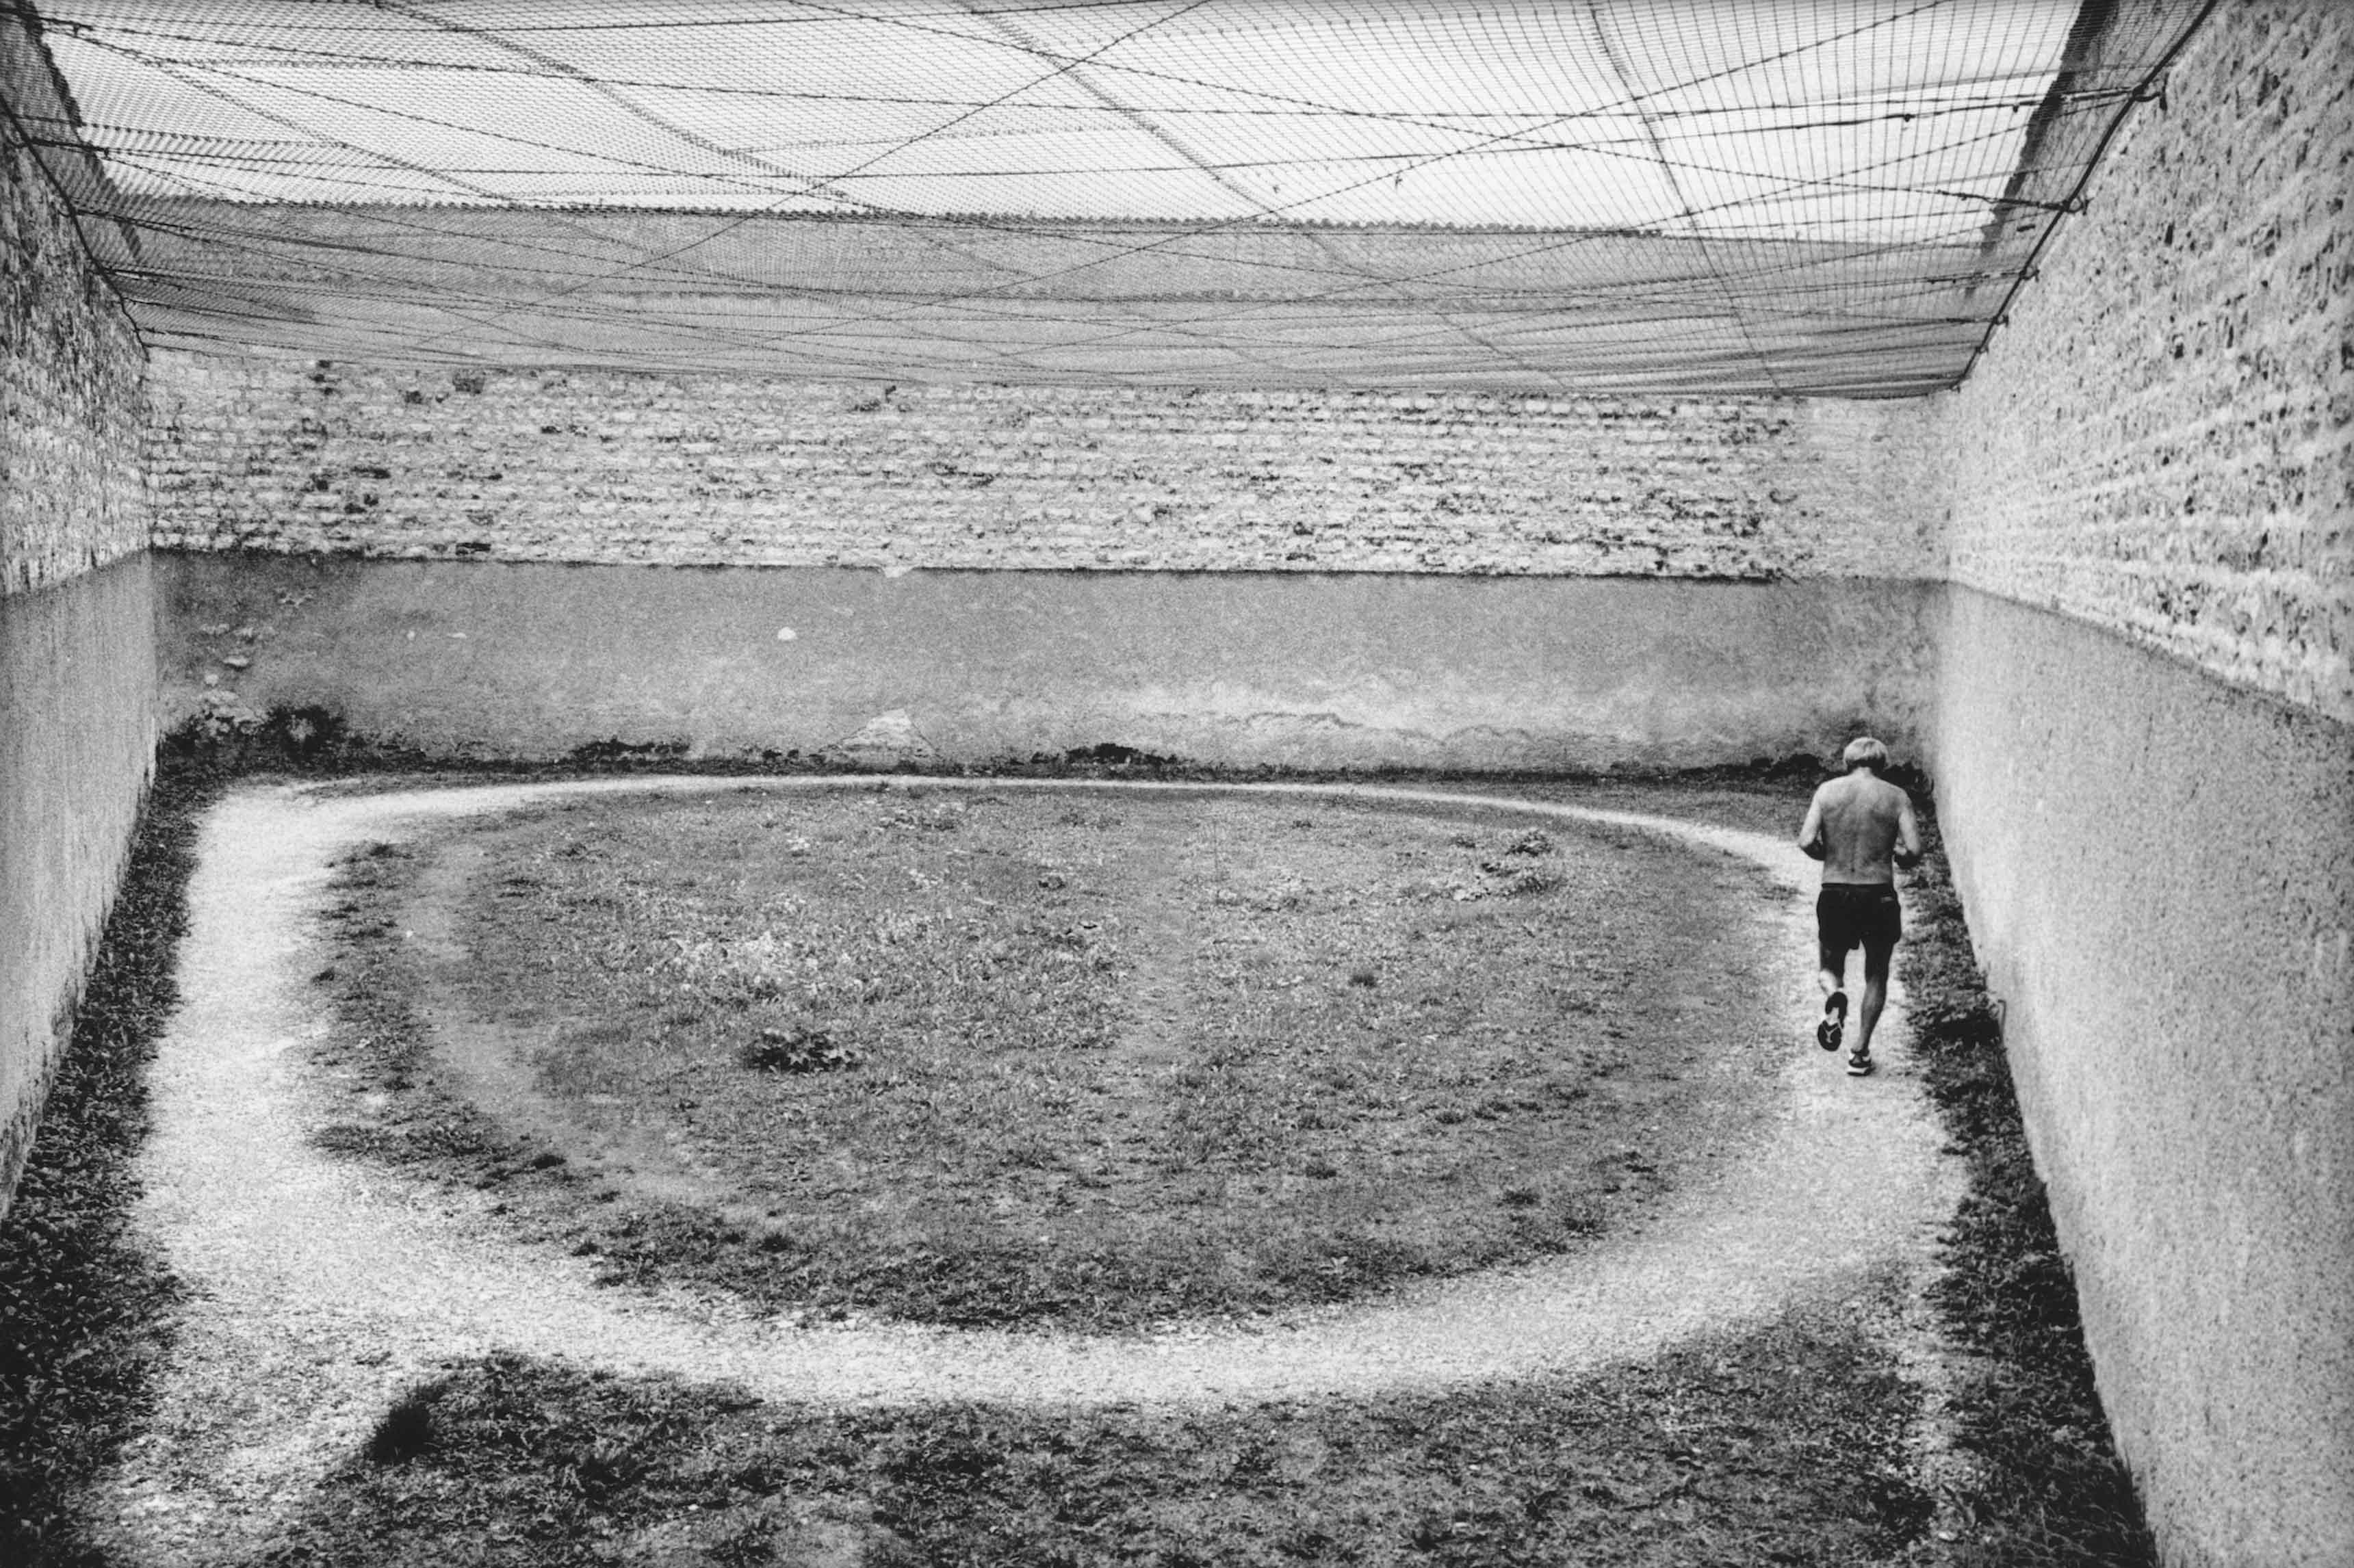 Prison de Clairvaux, Aube, 1998 © Raymond Depardon / Magnum Photos